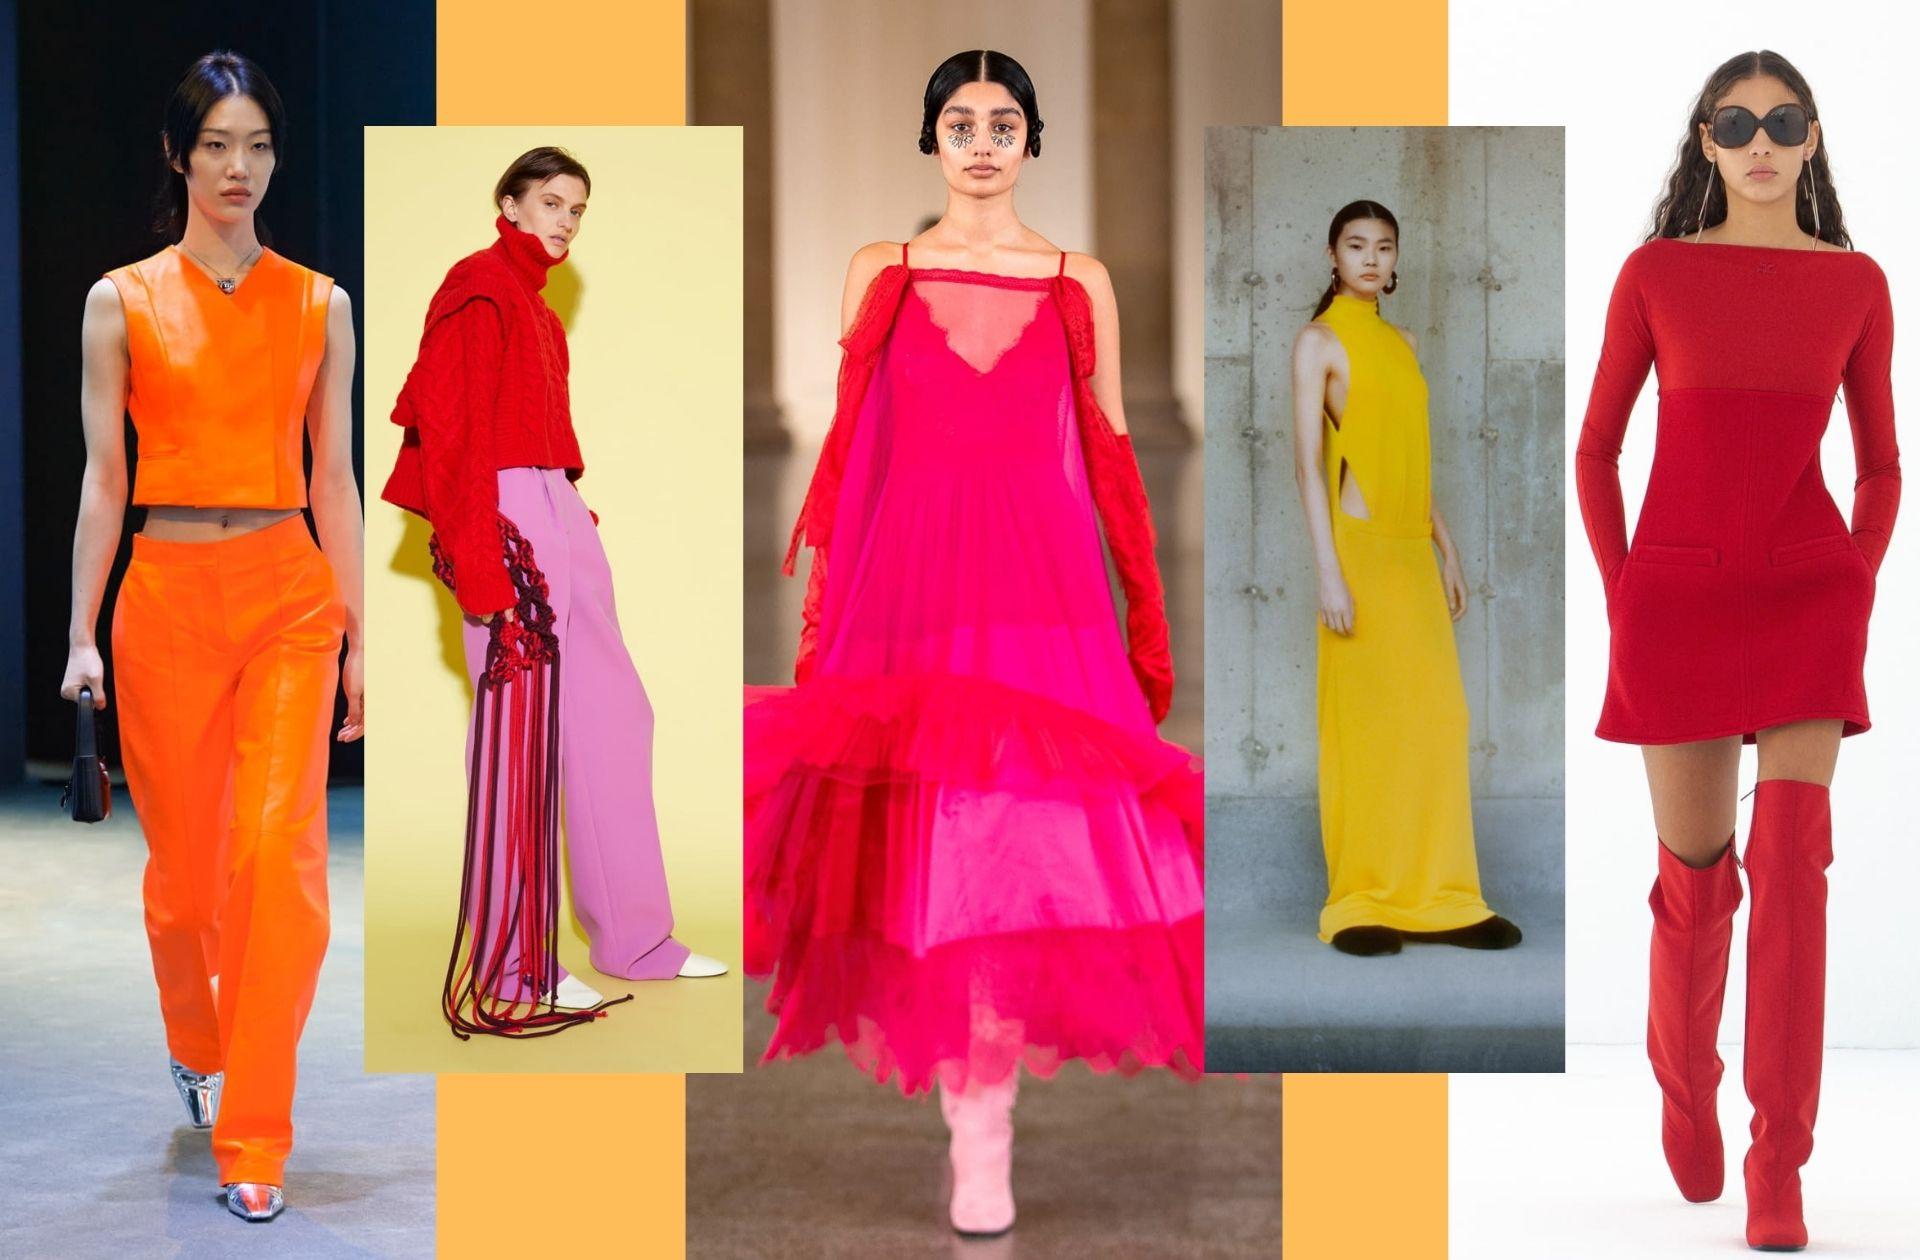 La palette de couleurs chaudes optimistes aperçue chez Salvatore Ferragamo, Aknvas, Bora Aksu, Proenza Schouler, ou encore Courrèges.